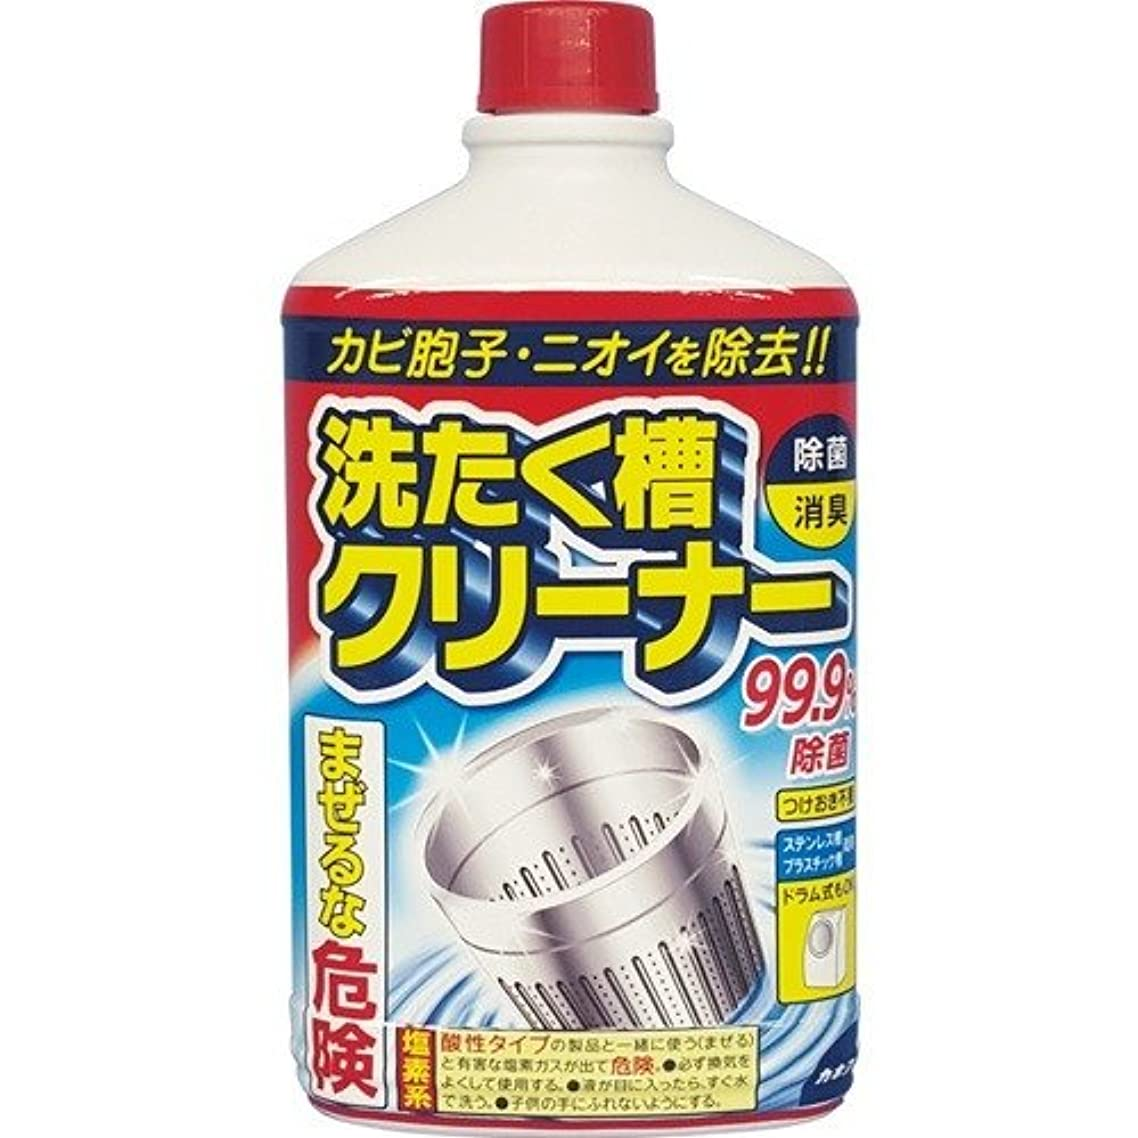 品血色の良い家事洗たく槽クリ-ナ- 550g